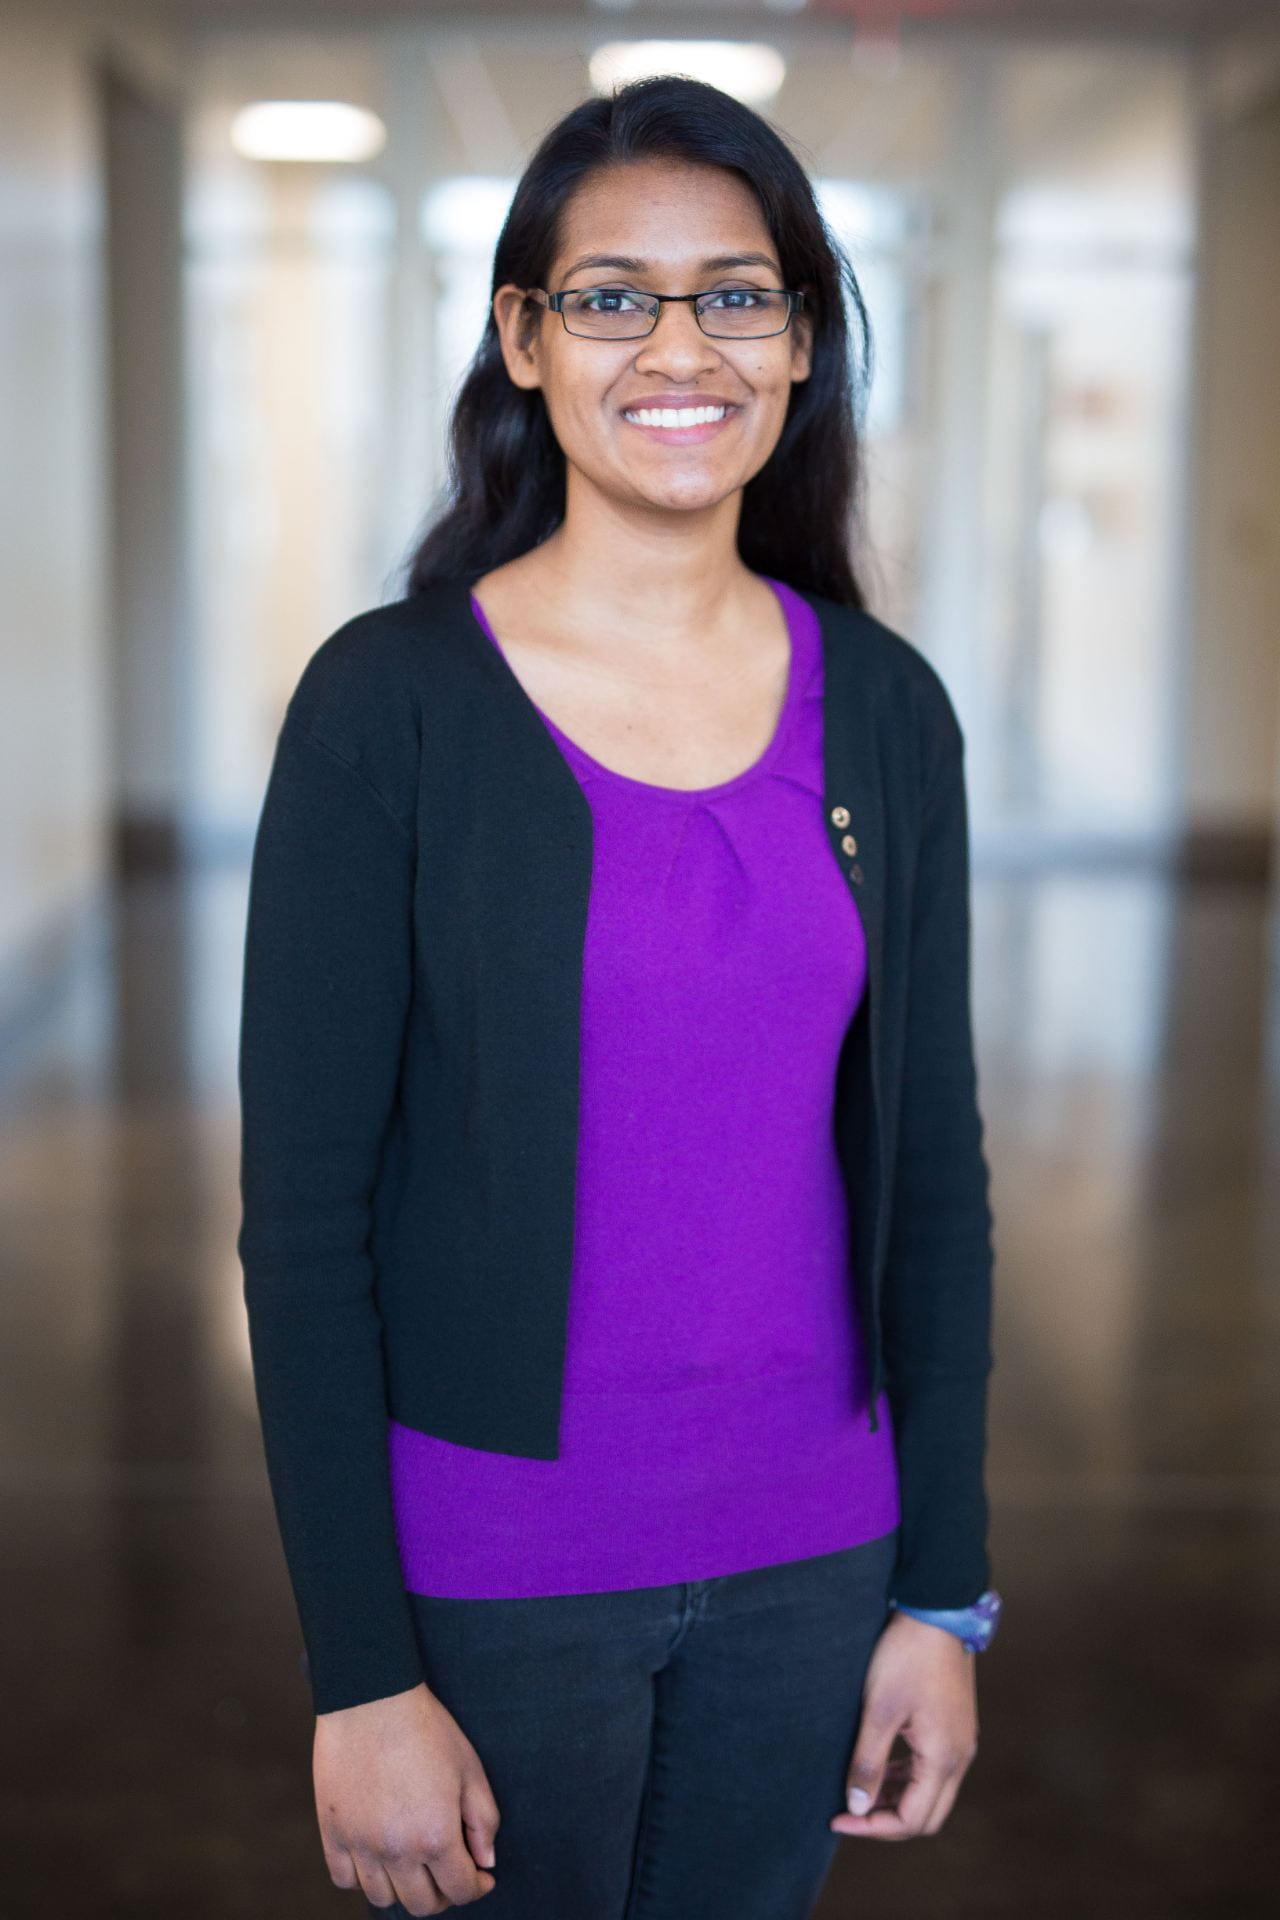 Shilpi Mukherjee